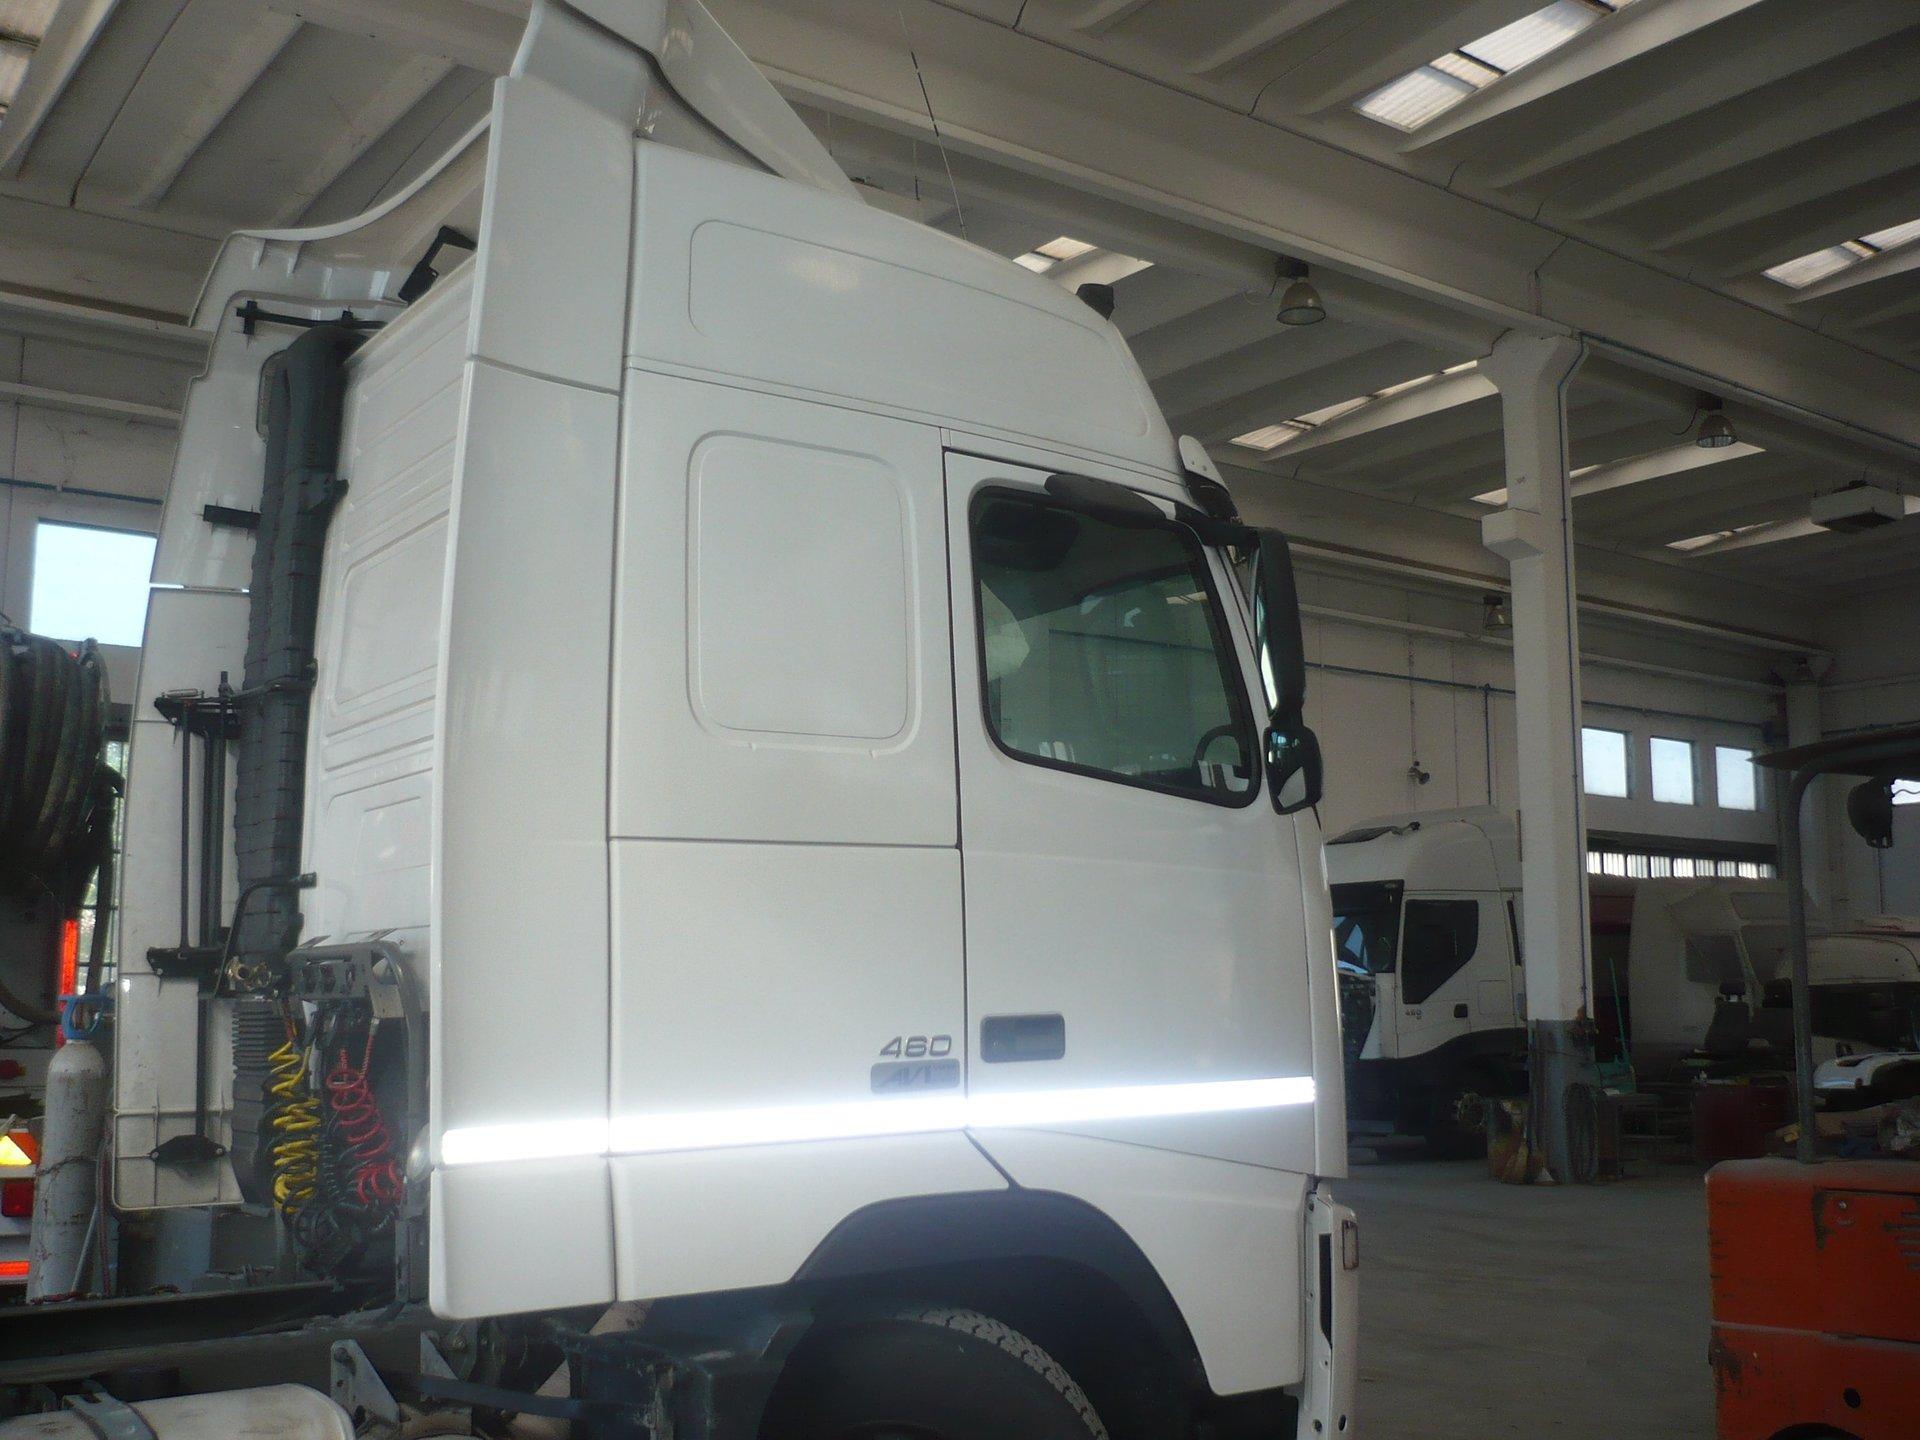 Cabina Volvo Fh V2 460 Gt Completa Vista Difianco Dietro